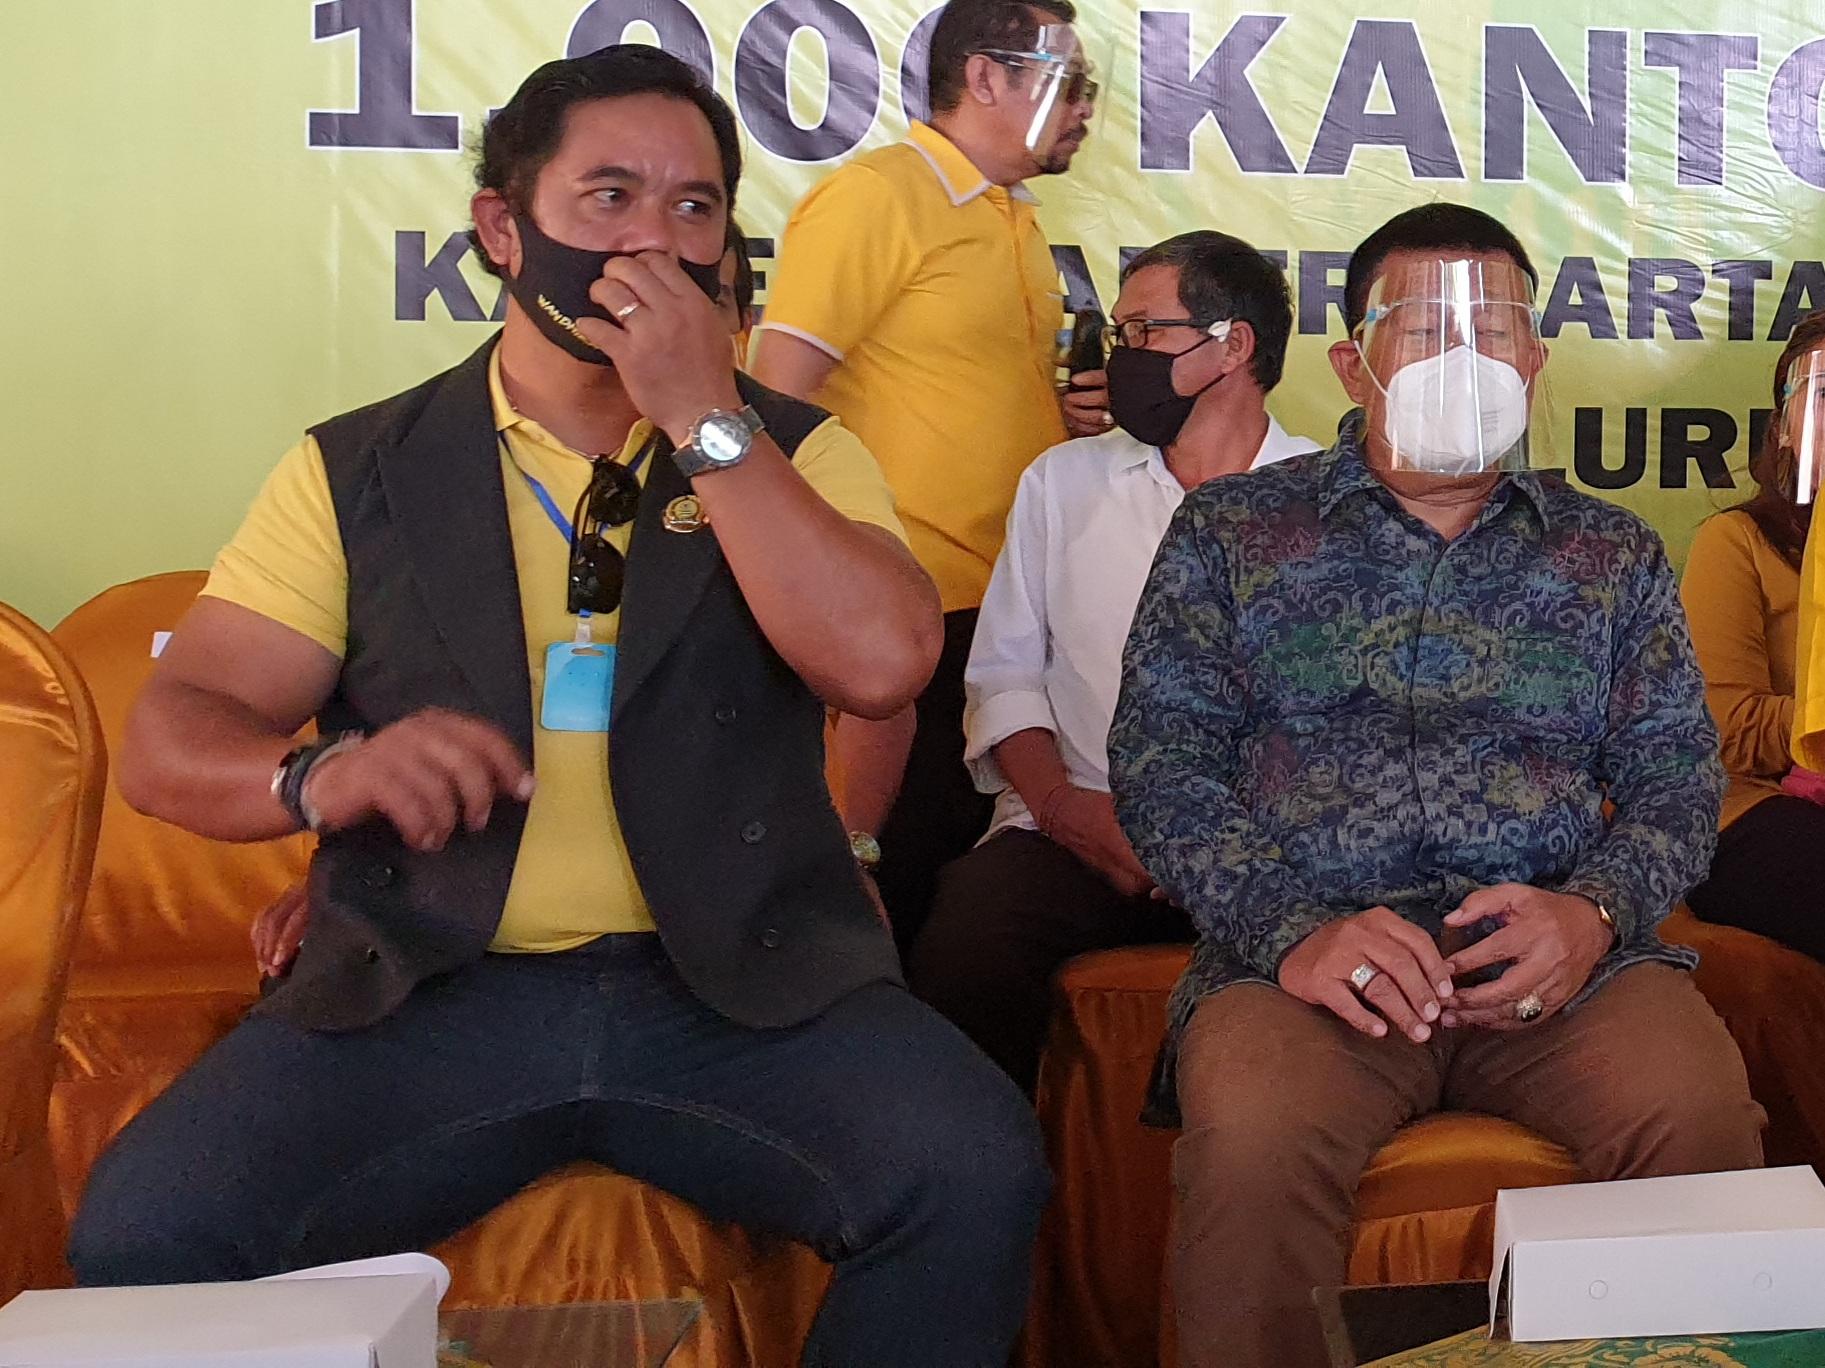 MARIYANA Wandira (kiri) dalam suatu acara bersama AA Ngurah Rai Iswara, salah satu tokoh masyarakat yang disurvei popularitasnya untuk Pilkada Denpasar 2020. Foto: gus hendra